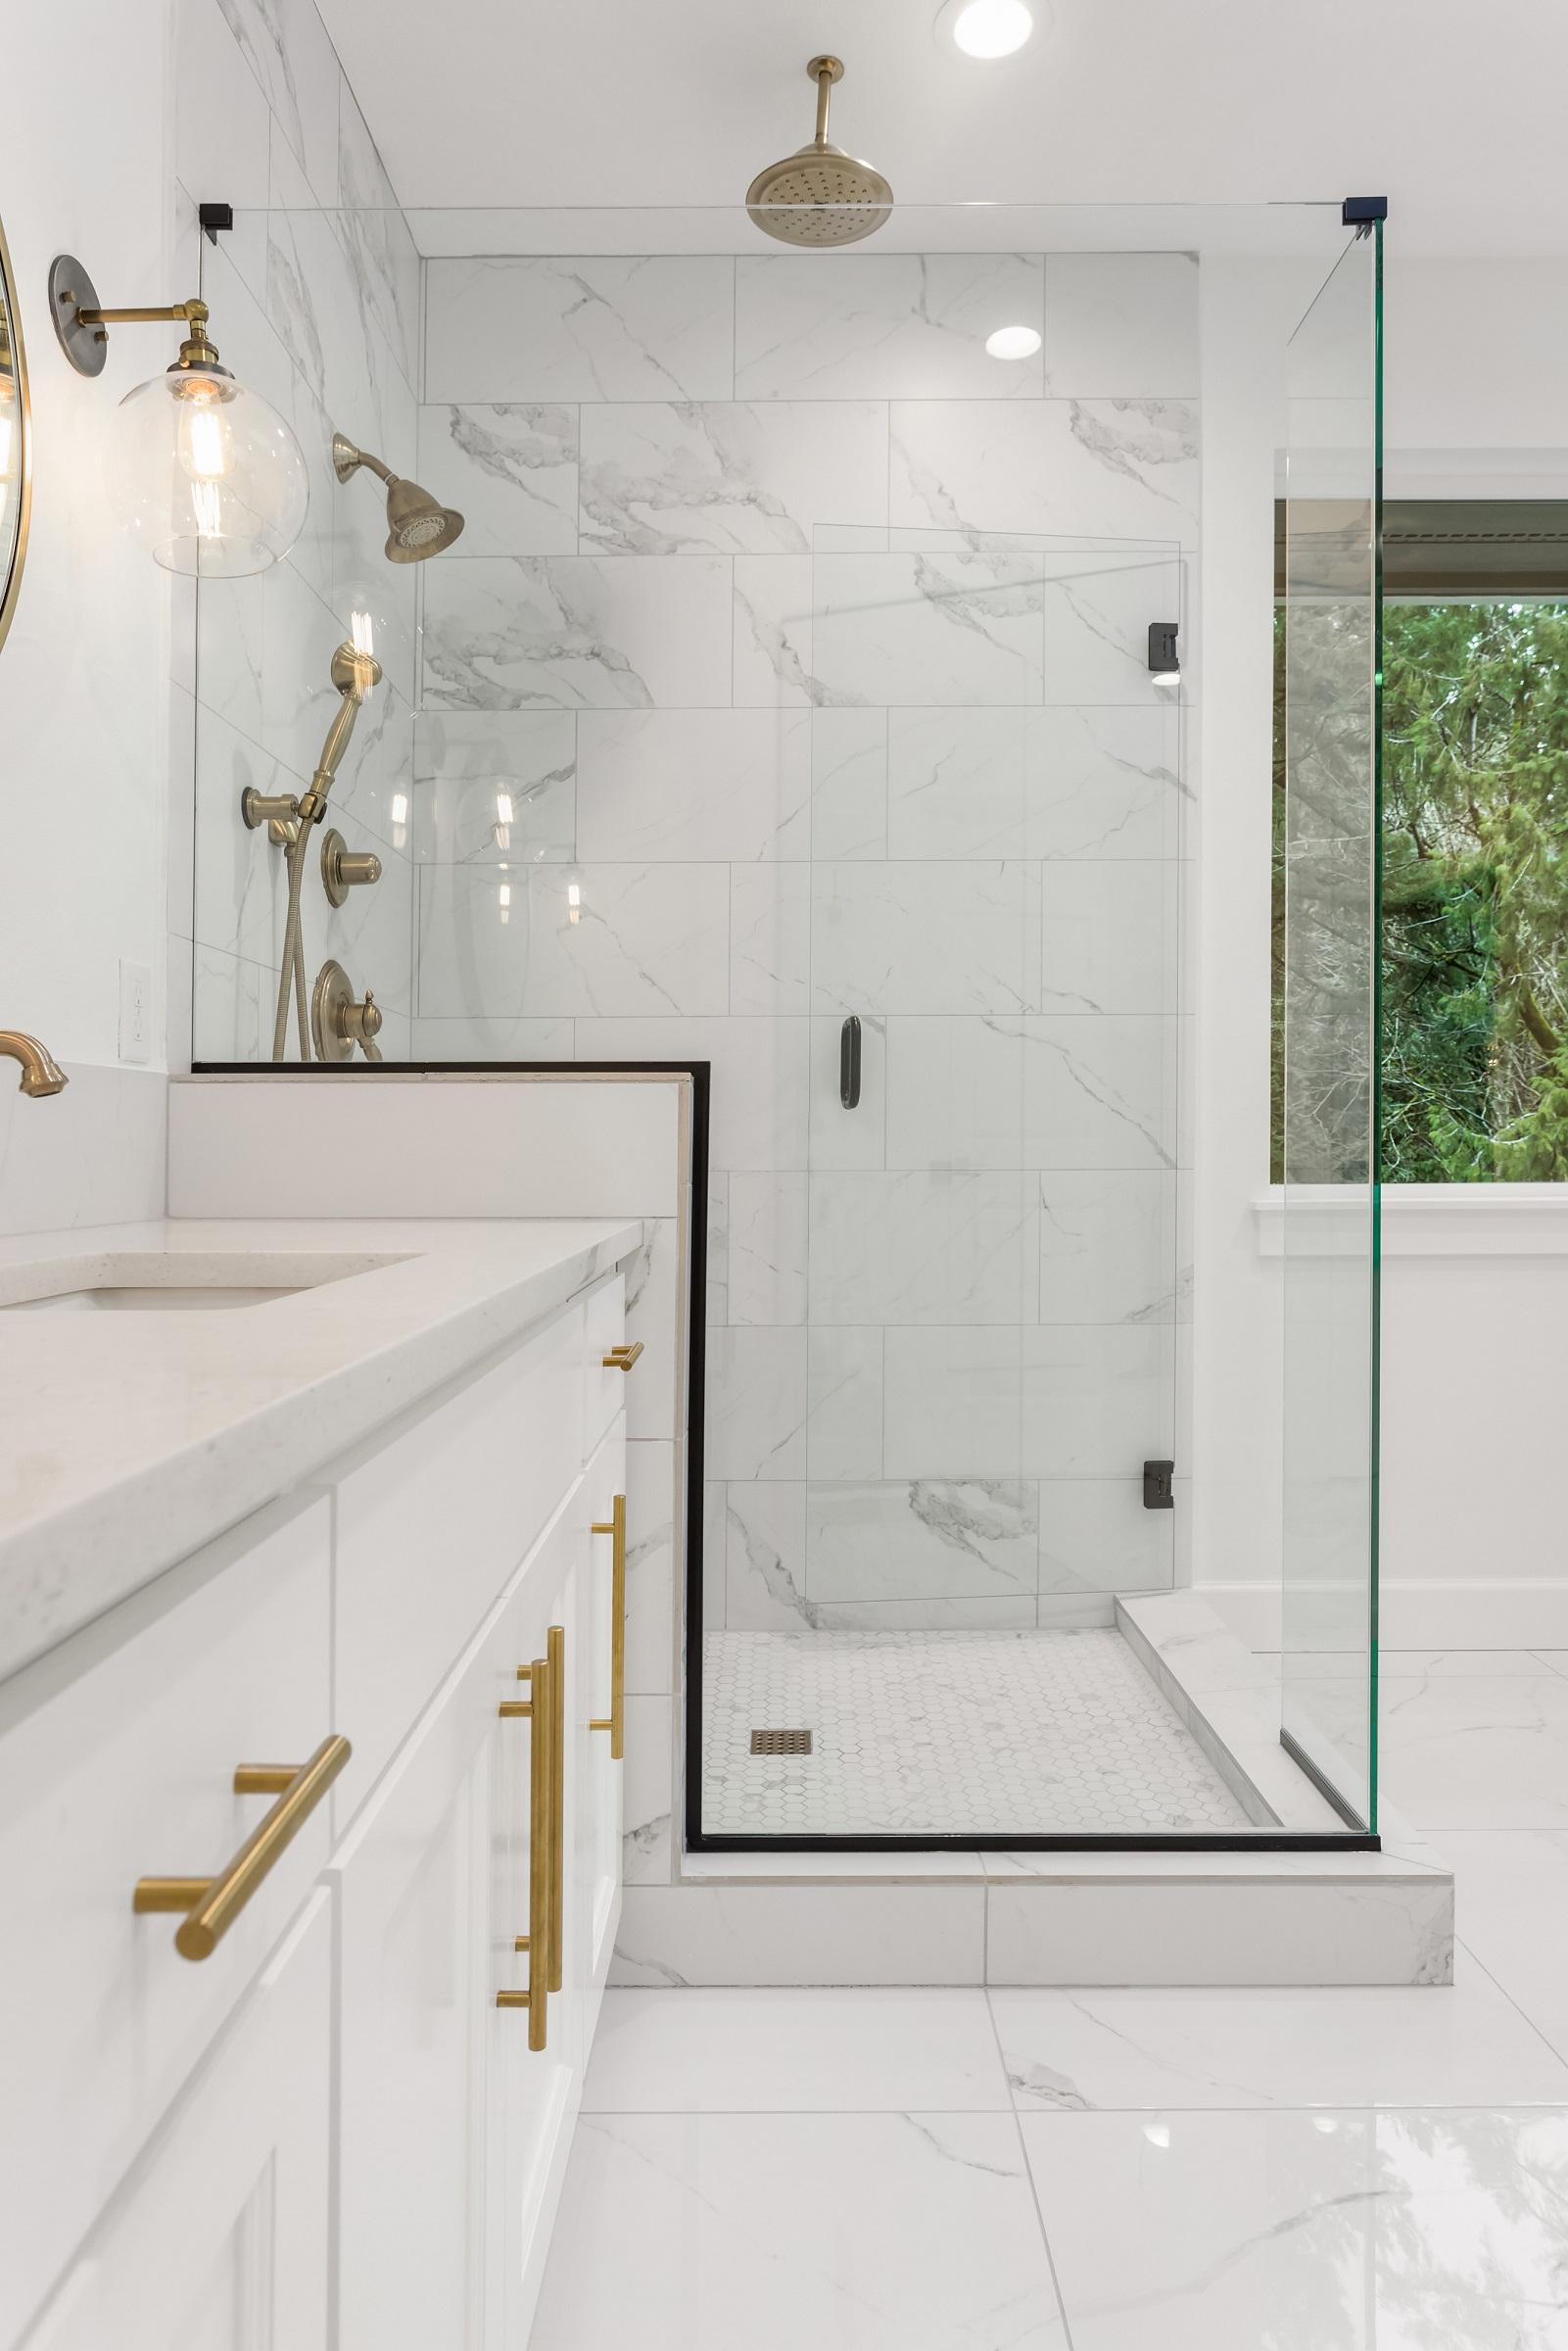 Bathroom Detail: Shower and Vanity in Ensuite Master Bathroom in New Luxury Home. Features Elegant Tile Floor